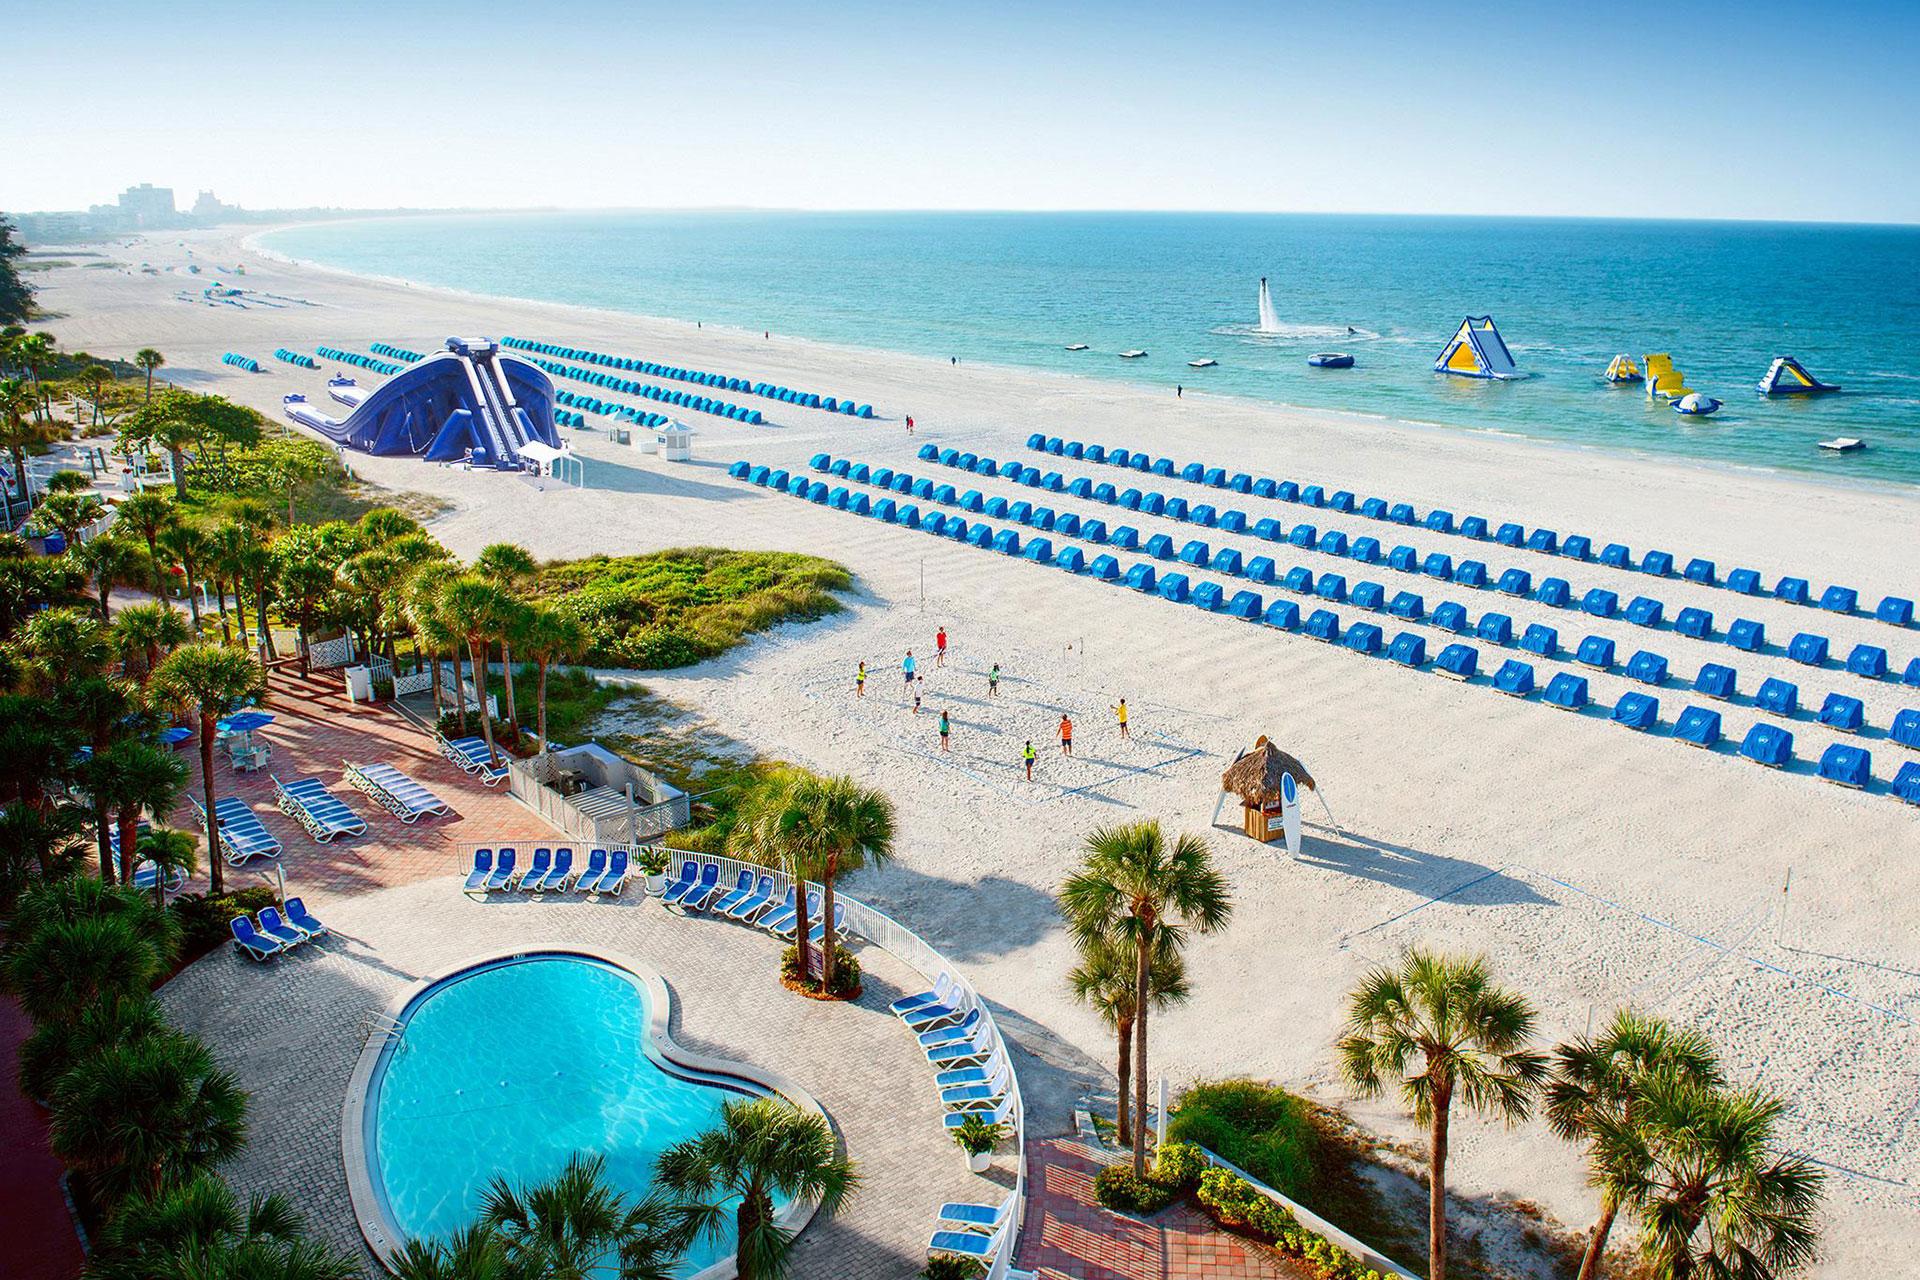 Tradewinds Island Grand Beach Resort in St. Pete Beach, FL